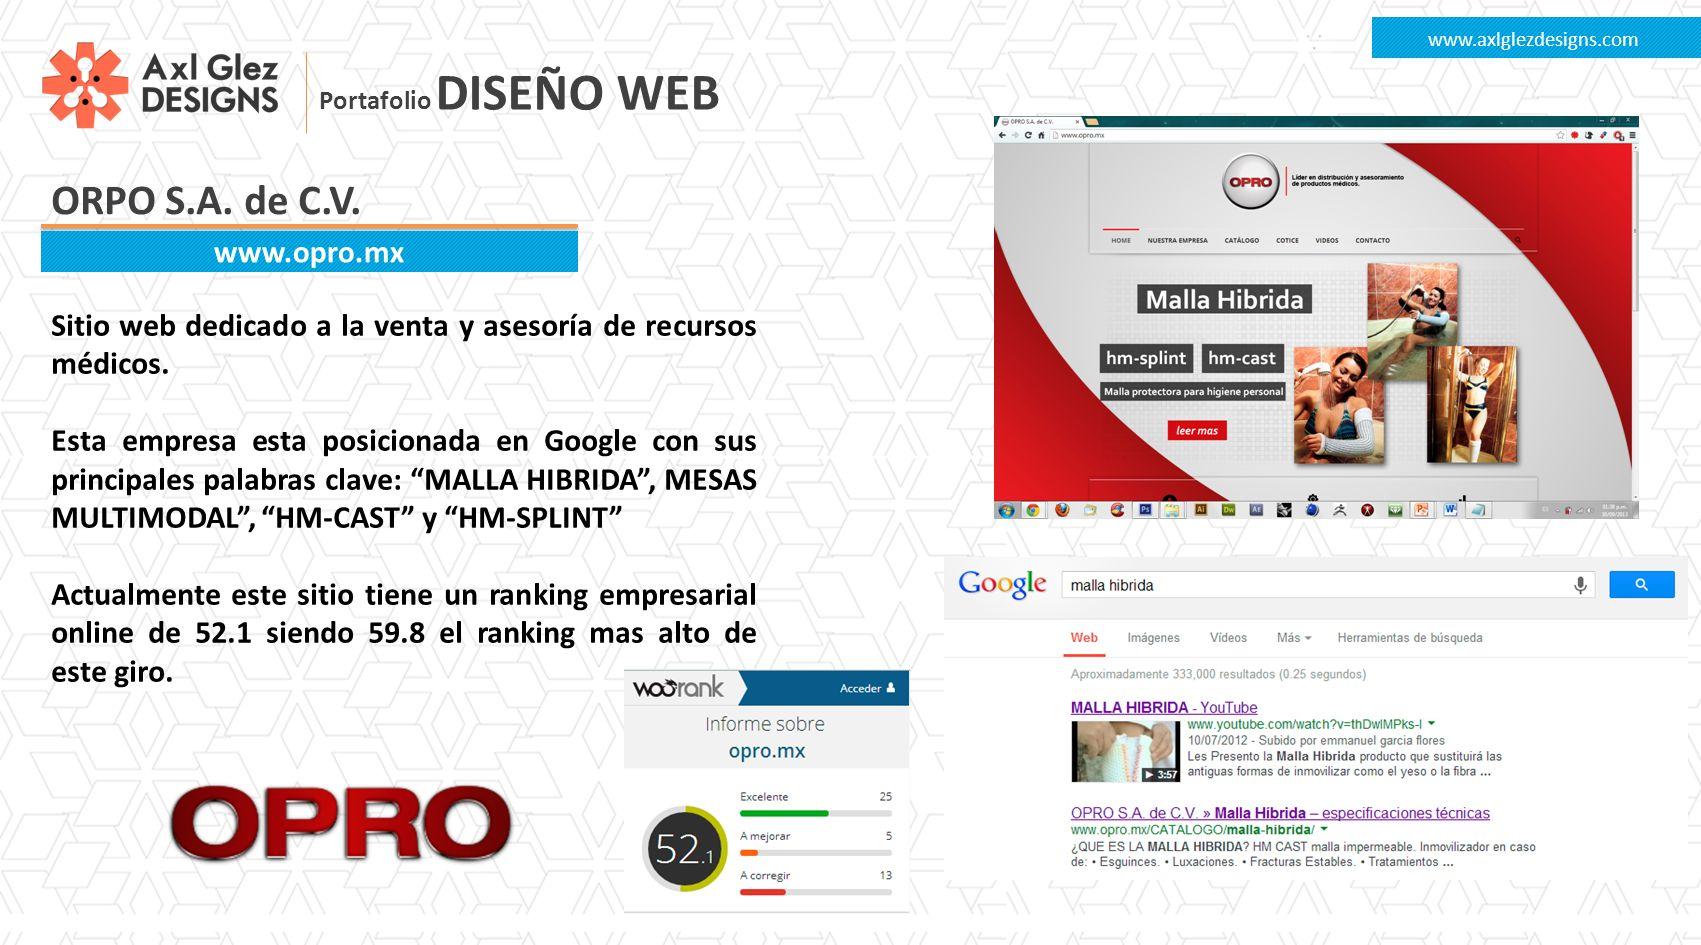 ORPO S.A. de C.V. www.axlglezdesigns.com www.opro.mx Sitio web dedicado a la venta y asesoría de recursos médicos. Esta empresa esta posicionada en Go